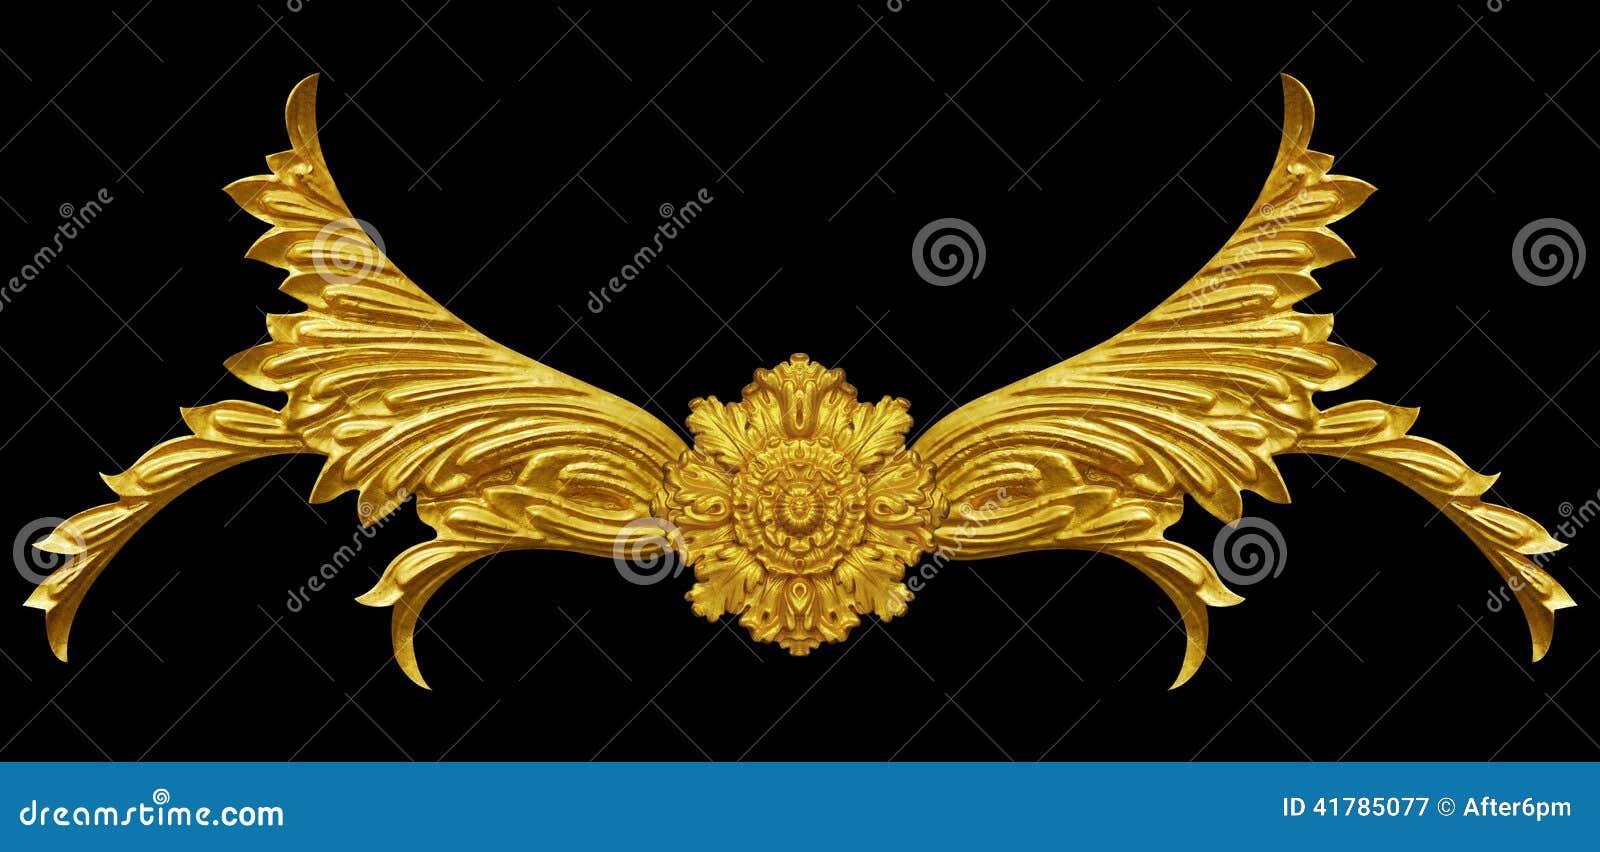 Elementos del ornamento, diseños florales del oro del vintage